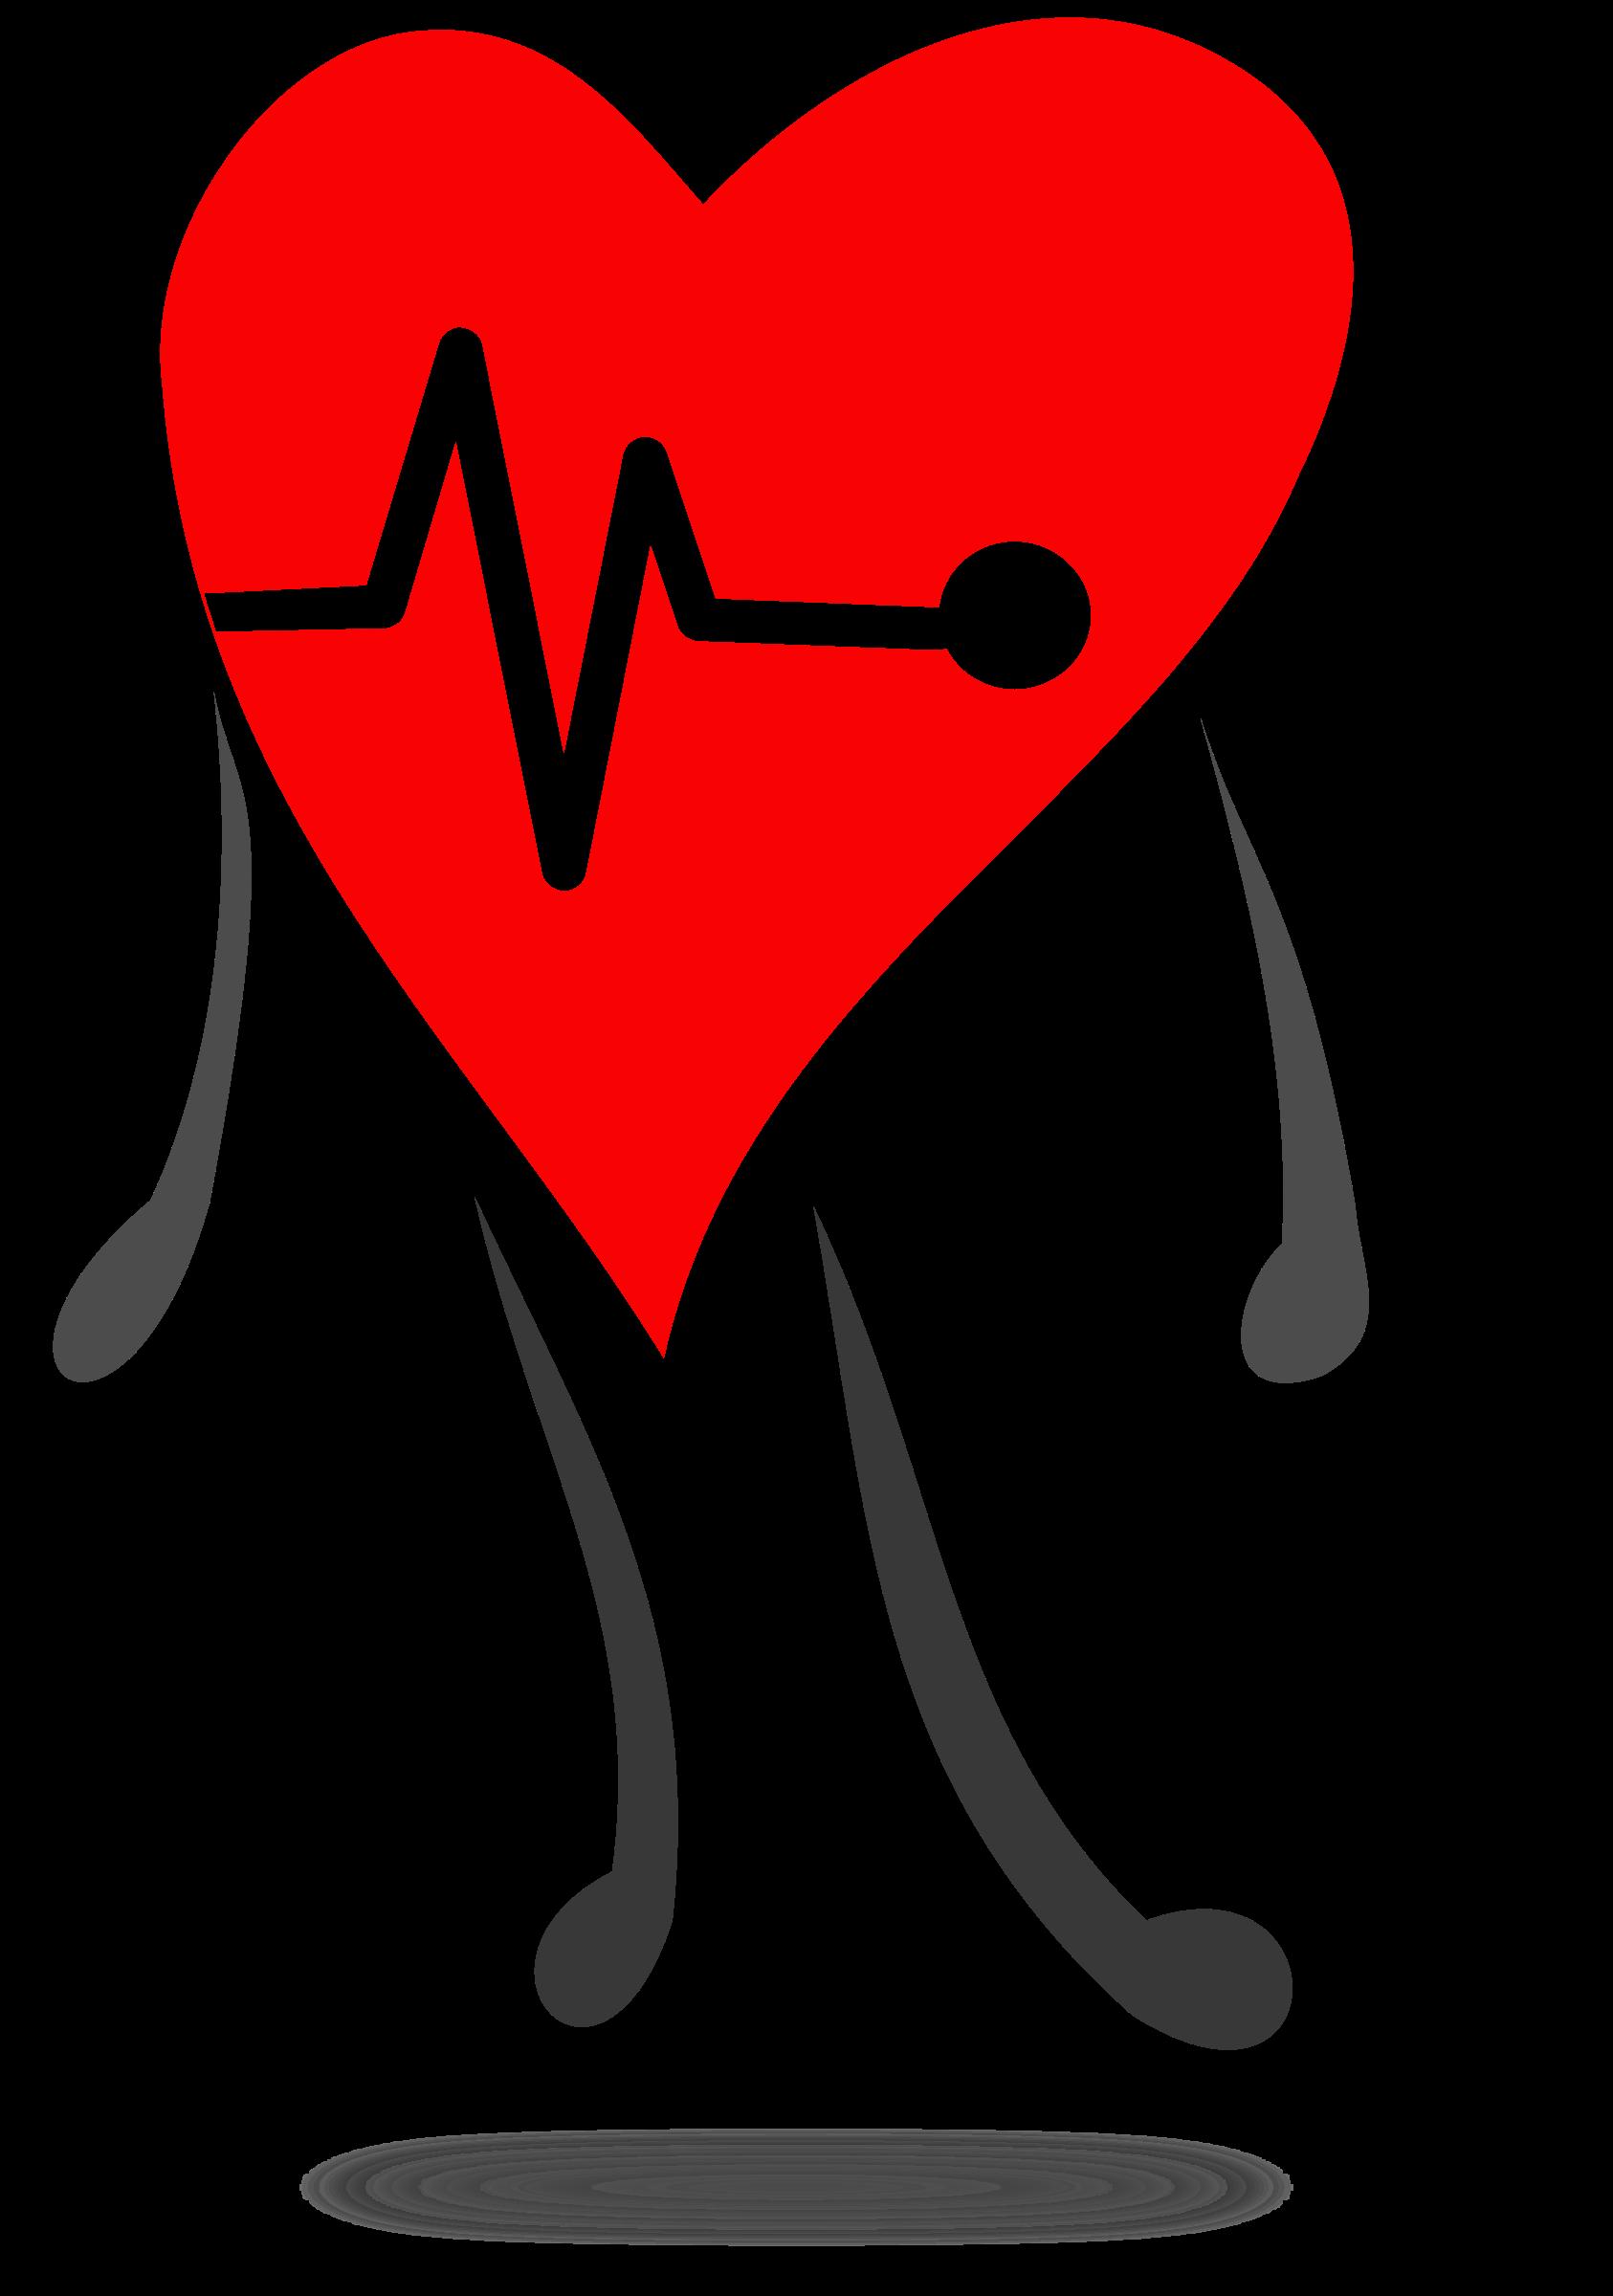 Heartbeat clipart healthy. Signal hearth corazon se